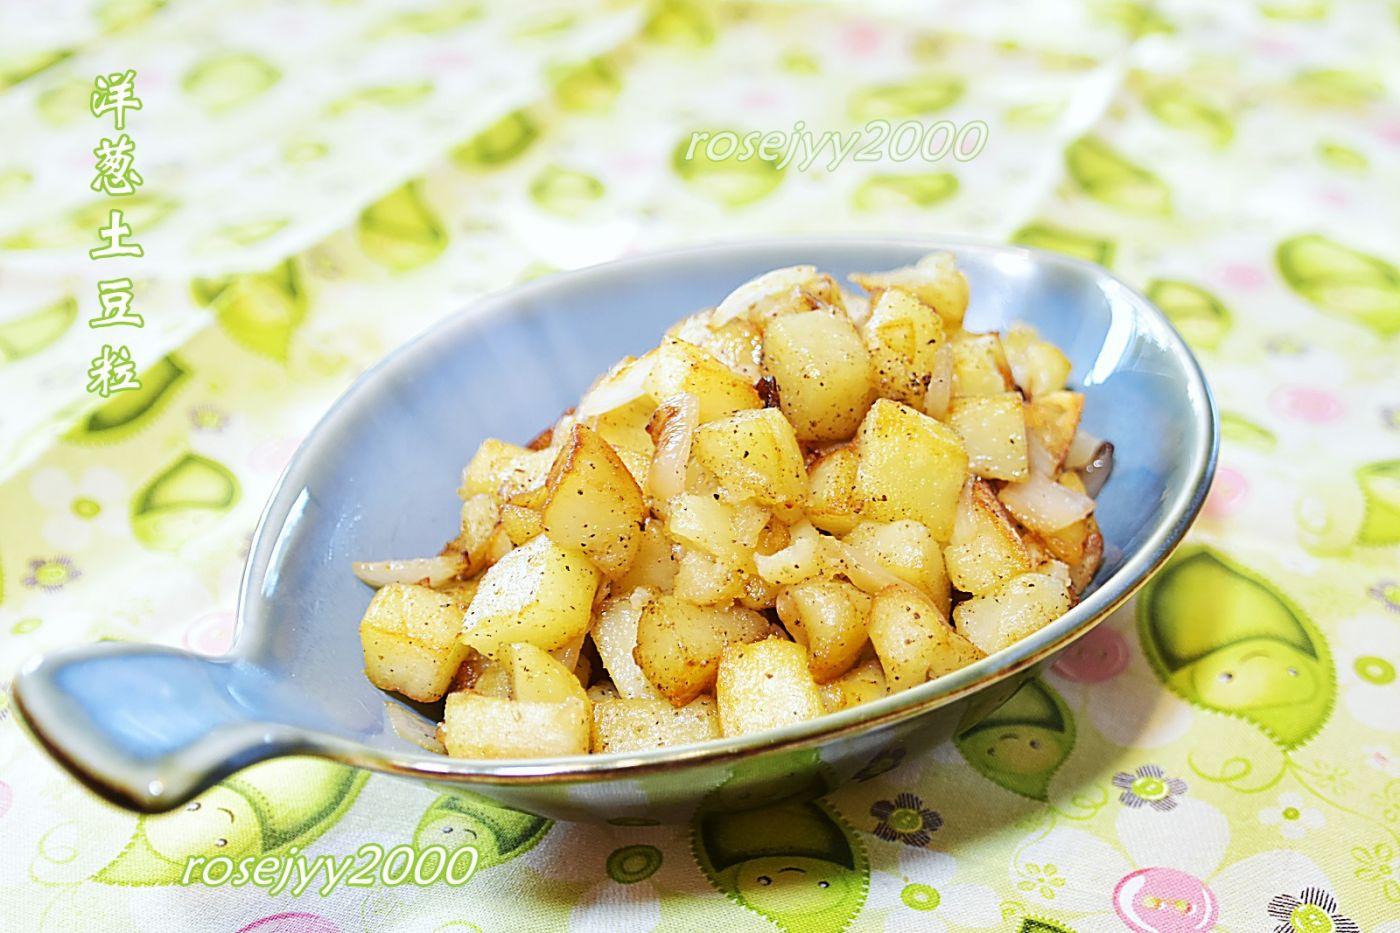 洋葱土豆粒_图1-1